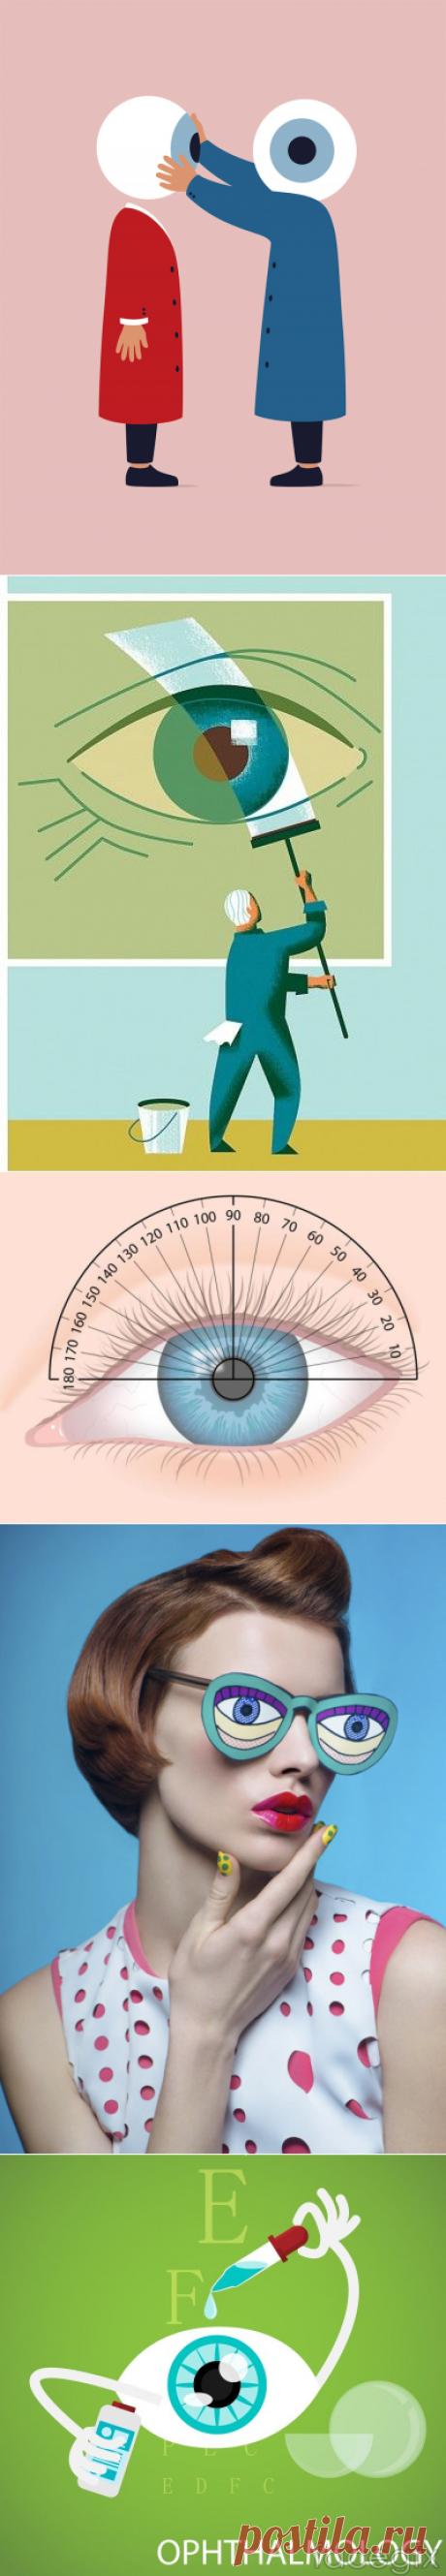 Вконтакте Евгений Слогодский восстановление зрения канал зоркое зрение здоровье компьютер упражнения гимнастика тренировка разминка зарядка йога для глаз массаж вокруг глаз видео лечение коррекция исправление зрения без операции избавиться от очков линз как восстановить вернуть улучшить плохое зрение симптомы причины рекомендации близорукость катаракта глаукома астигматизм дальнозоркость амблиопия миопия косоглазие острота зрения быстро снять усталость глаз от компьютера пальминг медитация